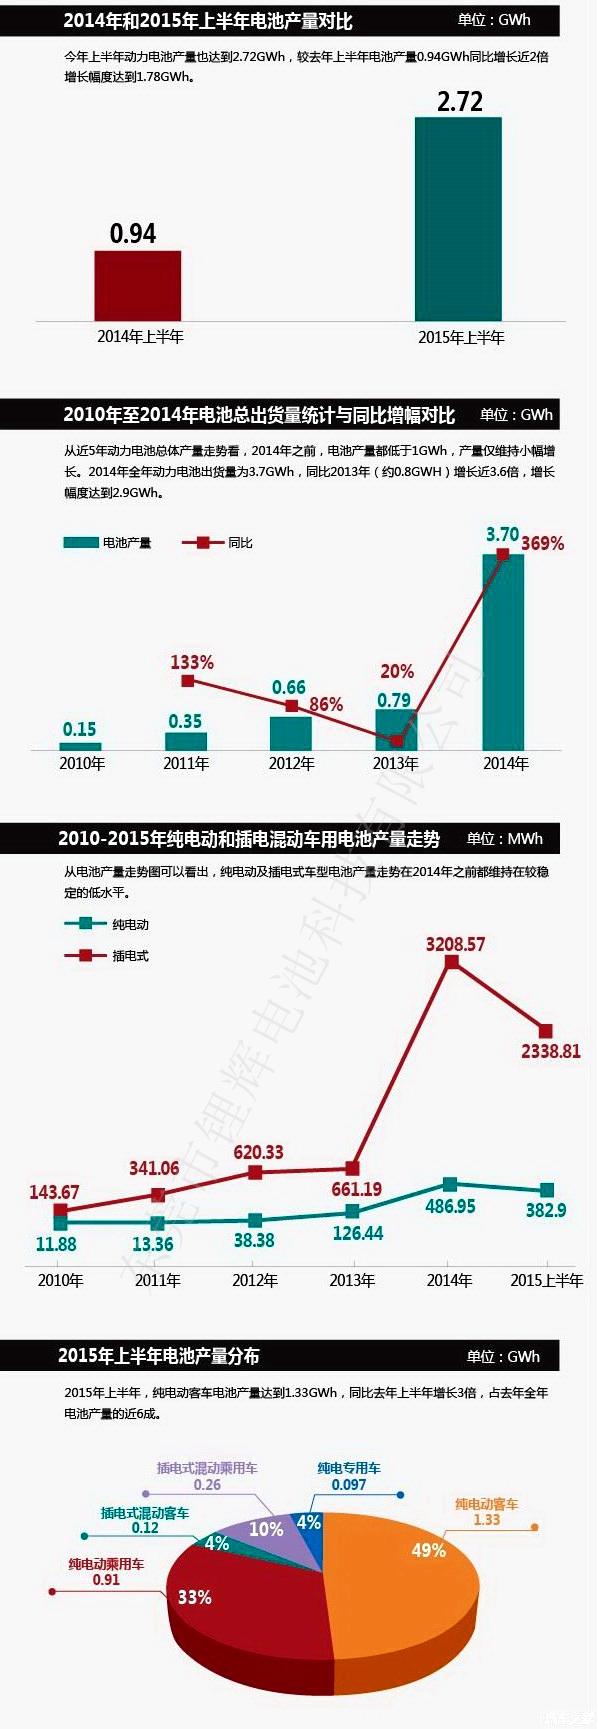 图解2015年上半年主力厂商动力电池产量及全年市场需求预测